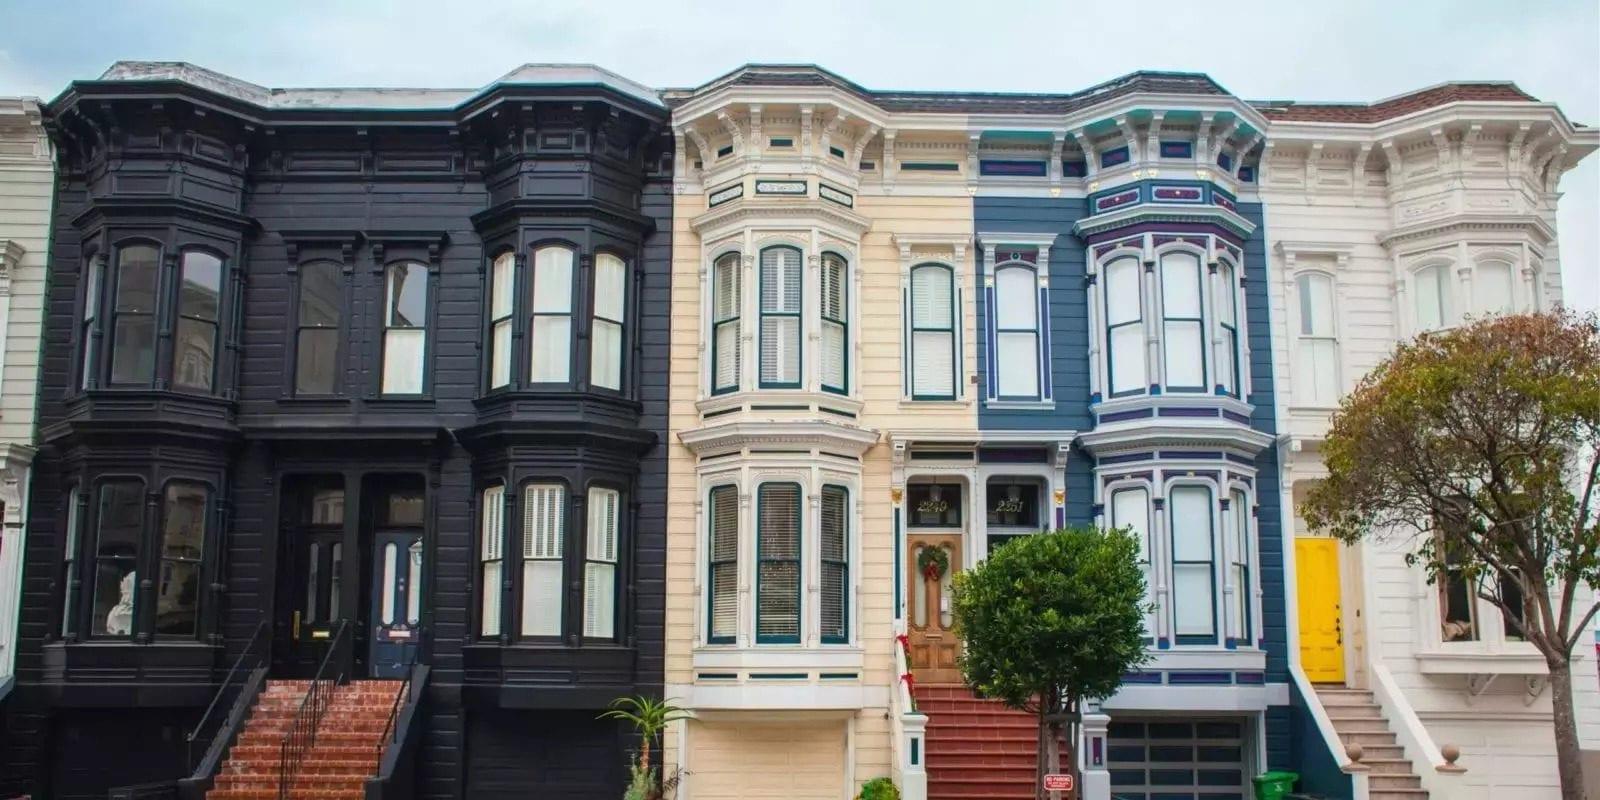 interest only mortgage advisors